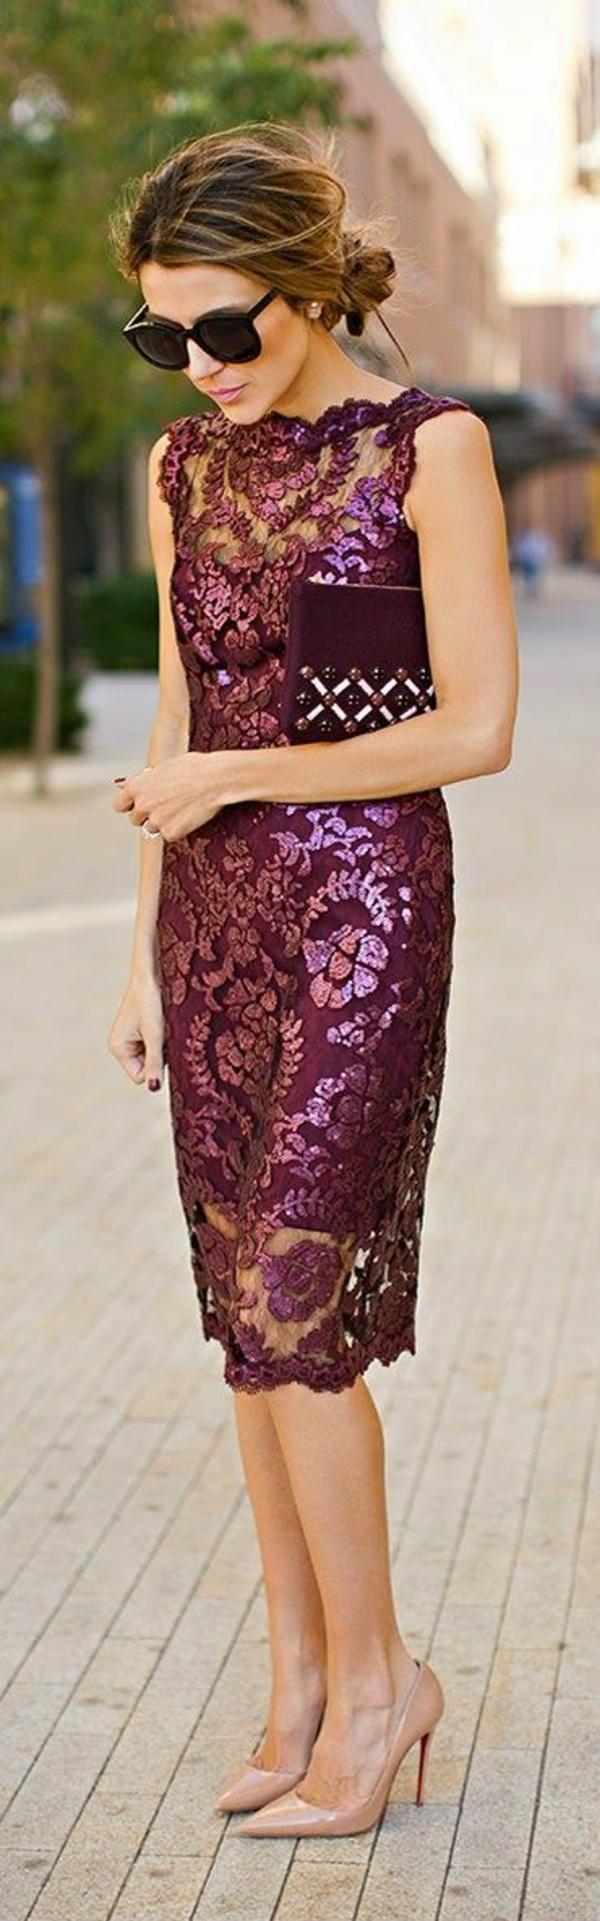 Cocktail Kleider trendfarbe 2015 dresscode etikette